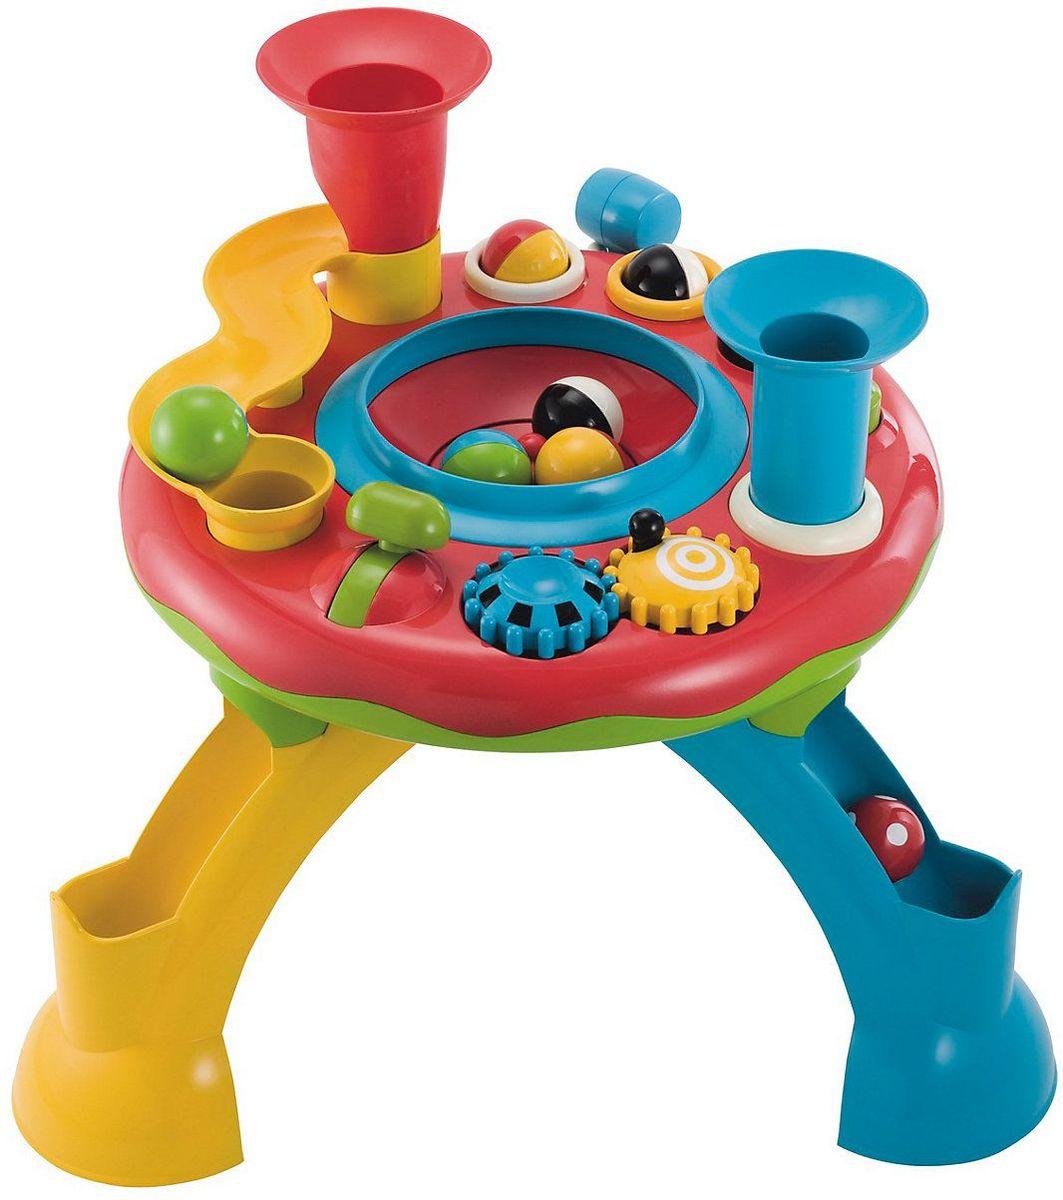 ELC Развивающий игровой центр130928Яркий игровой развивающий центр ELC обязательно понравится вашему малышу и доставит ему массу положительных эмоций. Игровой набор ELC - это оригинальная версия развивающего столика с цветными шариками. На столике имеются дорожки, воронки, шестеренки - словом, все, чтобы сделать путешествие шариков захватывающим. Масса всего занятного: шарики, вертушка, рычаги, включаются забавные звуки, мигают огоньки. В комплекте 8 шариков и молоток. Сравнивая цвет и размер разнообразных игрушек, ребенок развивает визуальное восприятие. Посредством различных действий - нажать, потянуть, удержать - ребенок тренирует координацию рук и глаз, мелкую моторику. Игровой центр развивает мышцы и координацию движений у малыша. Рекомендуется докупить 3 батарейки АА (не входят в комплект).